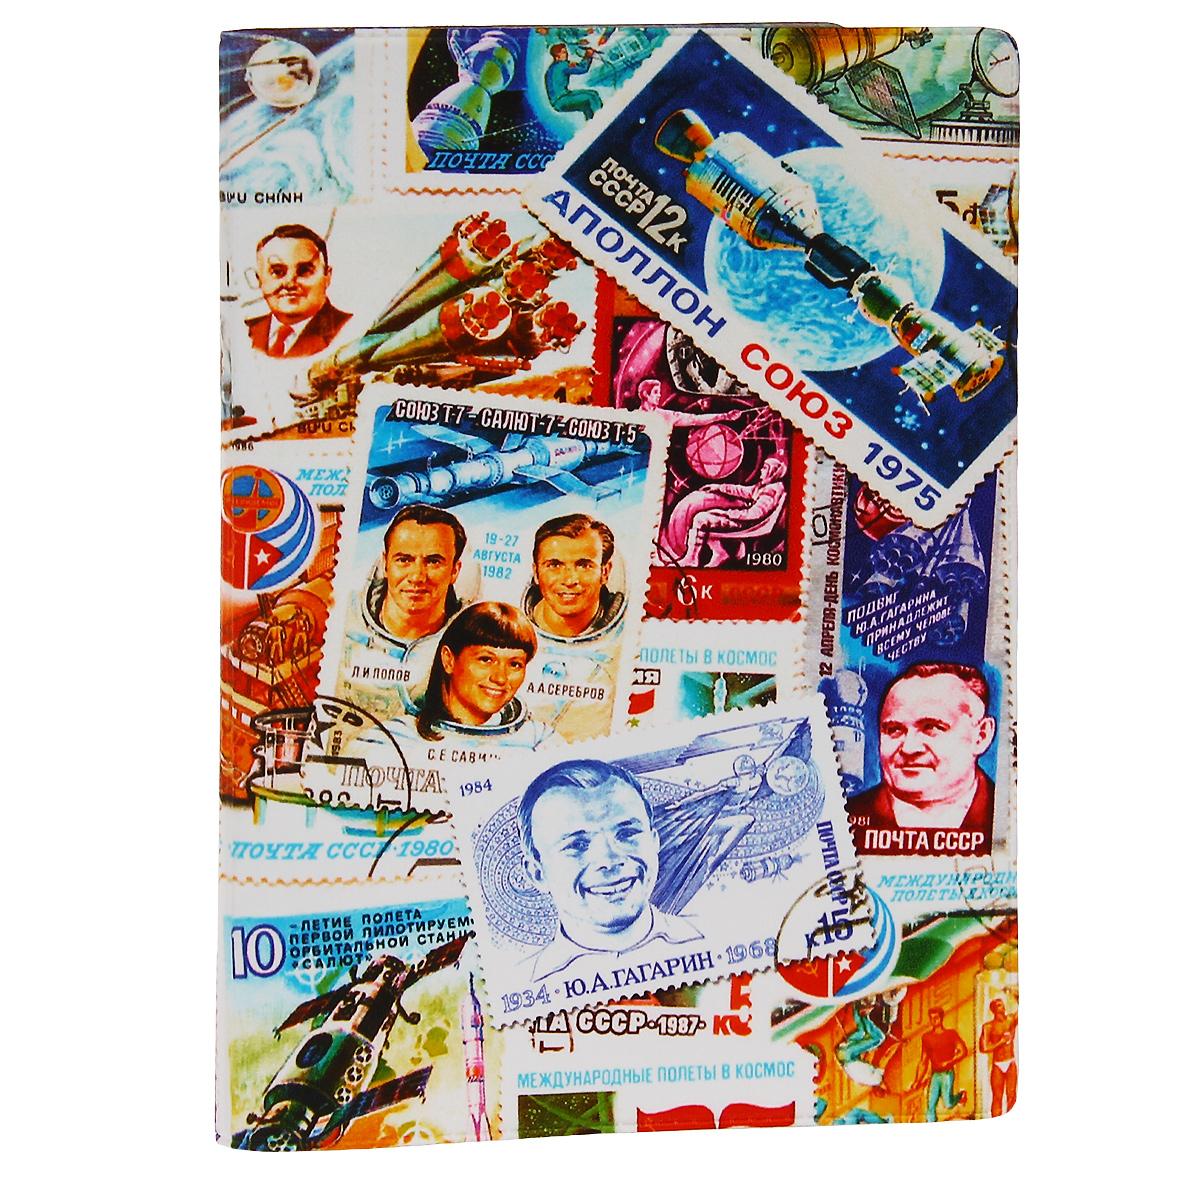 Обложка для автодокументов Космос (марки). AUTOZAM287AUTOZAM287Обложка для автодокументов Mitya Veselkov Космос. Марки изготовлена из прочного ПВХ и оформлена изображениями почтовых марок с космической тематикой. На внутреннем развороте имеются съемный блок из шести прозрачных файлов из мягкого пластика для водительских документов, один из которых формата А5, а также два боковых кармашка для визиток или банковских карт. Стильная обложка не только поможет сохранить внешний вид ваших документов и защитит их от грязи и пыли, но и станет аксессуаром, который подчеркнет вашу яркую индивидуальность.